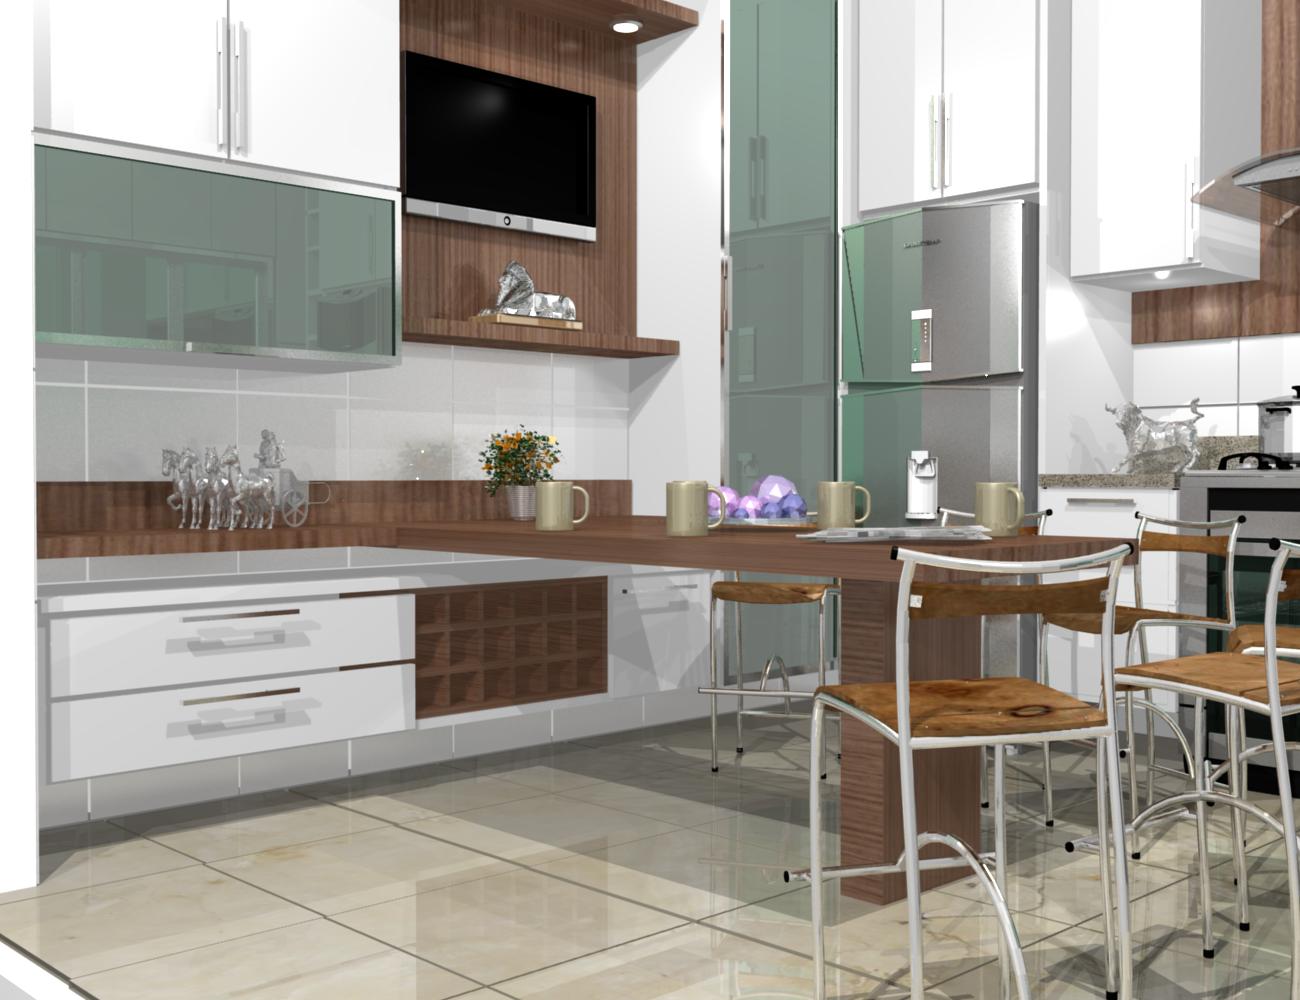 Cozinhas Modernas Planejadas Cozinhas Planejadas Com Ilha Cozinhas